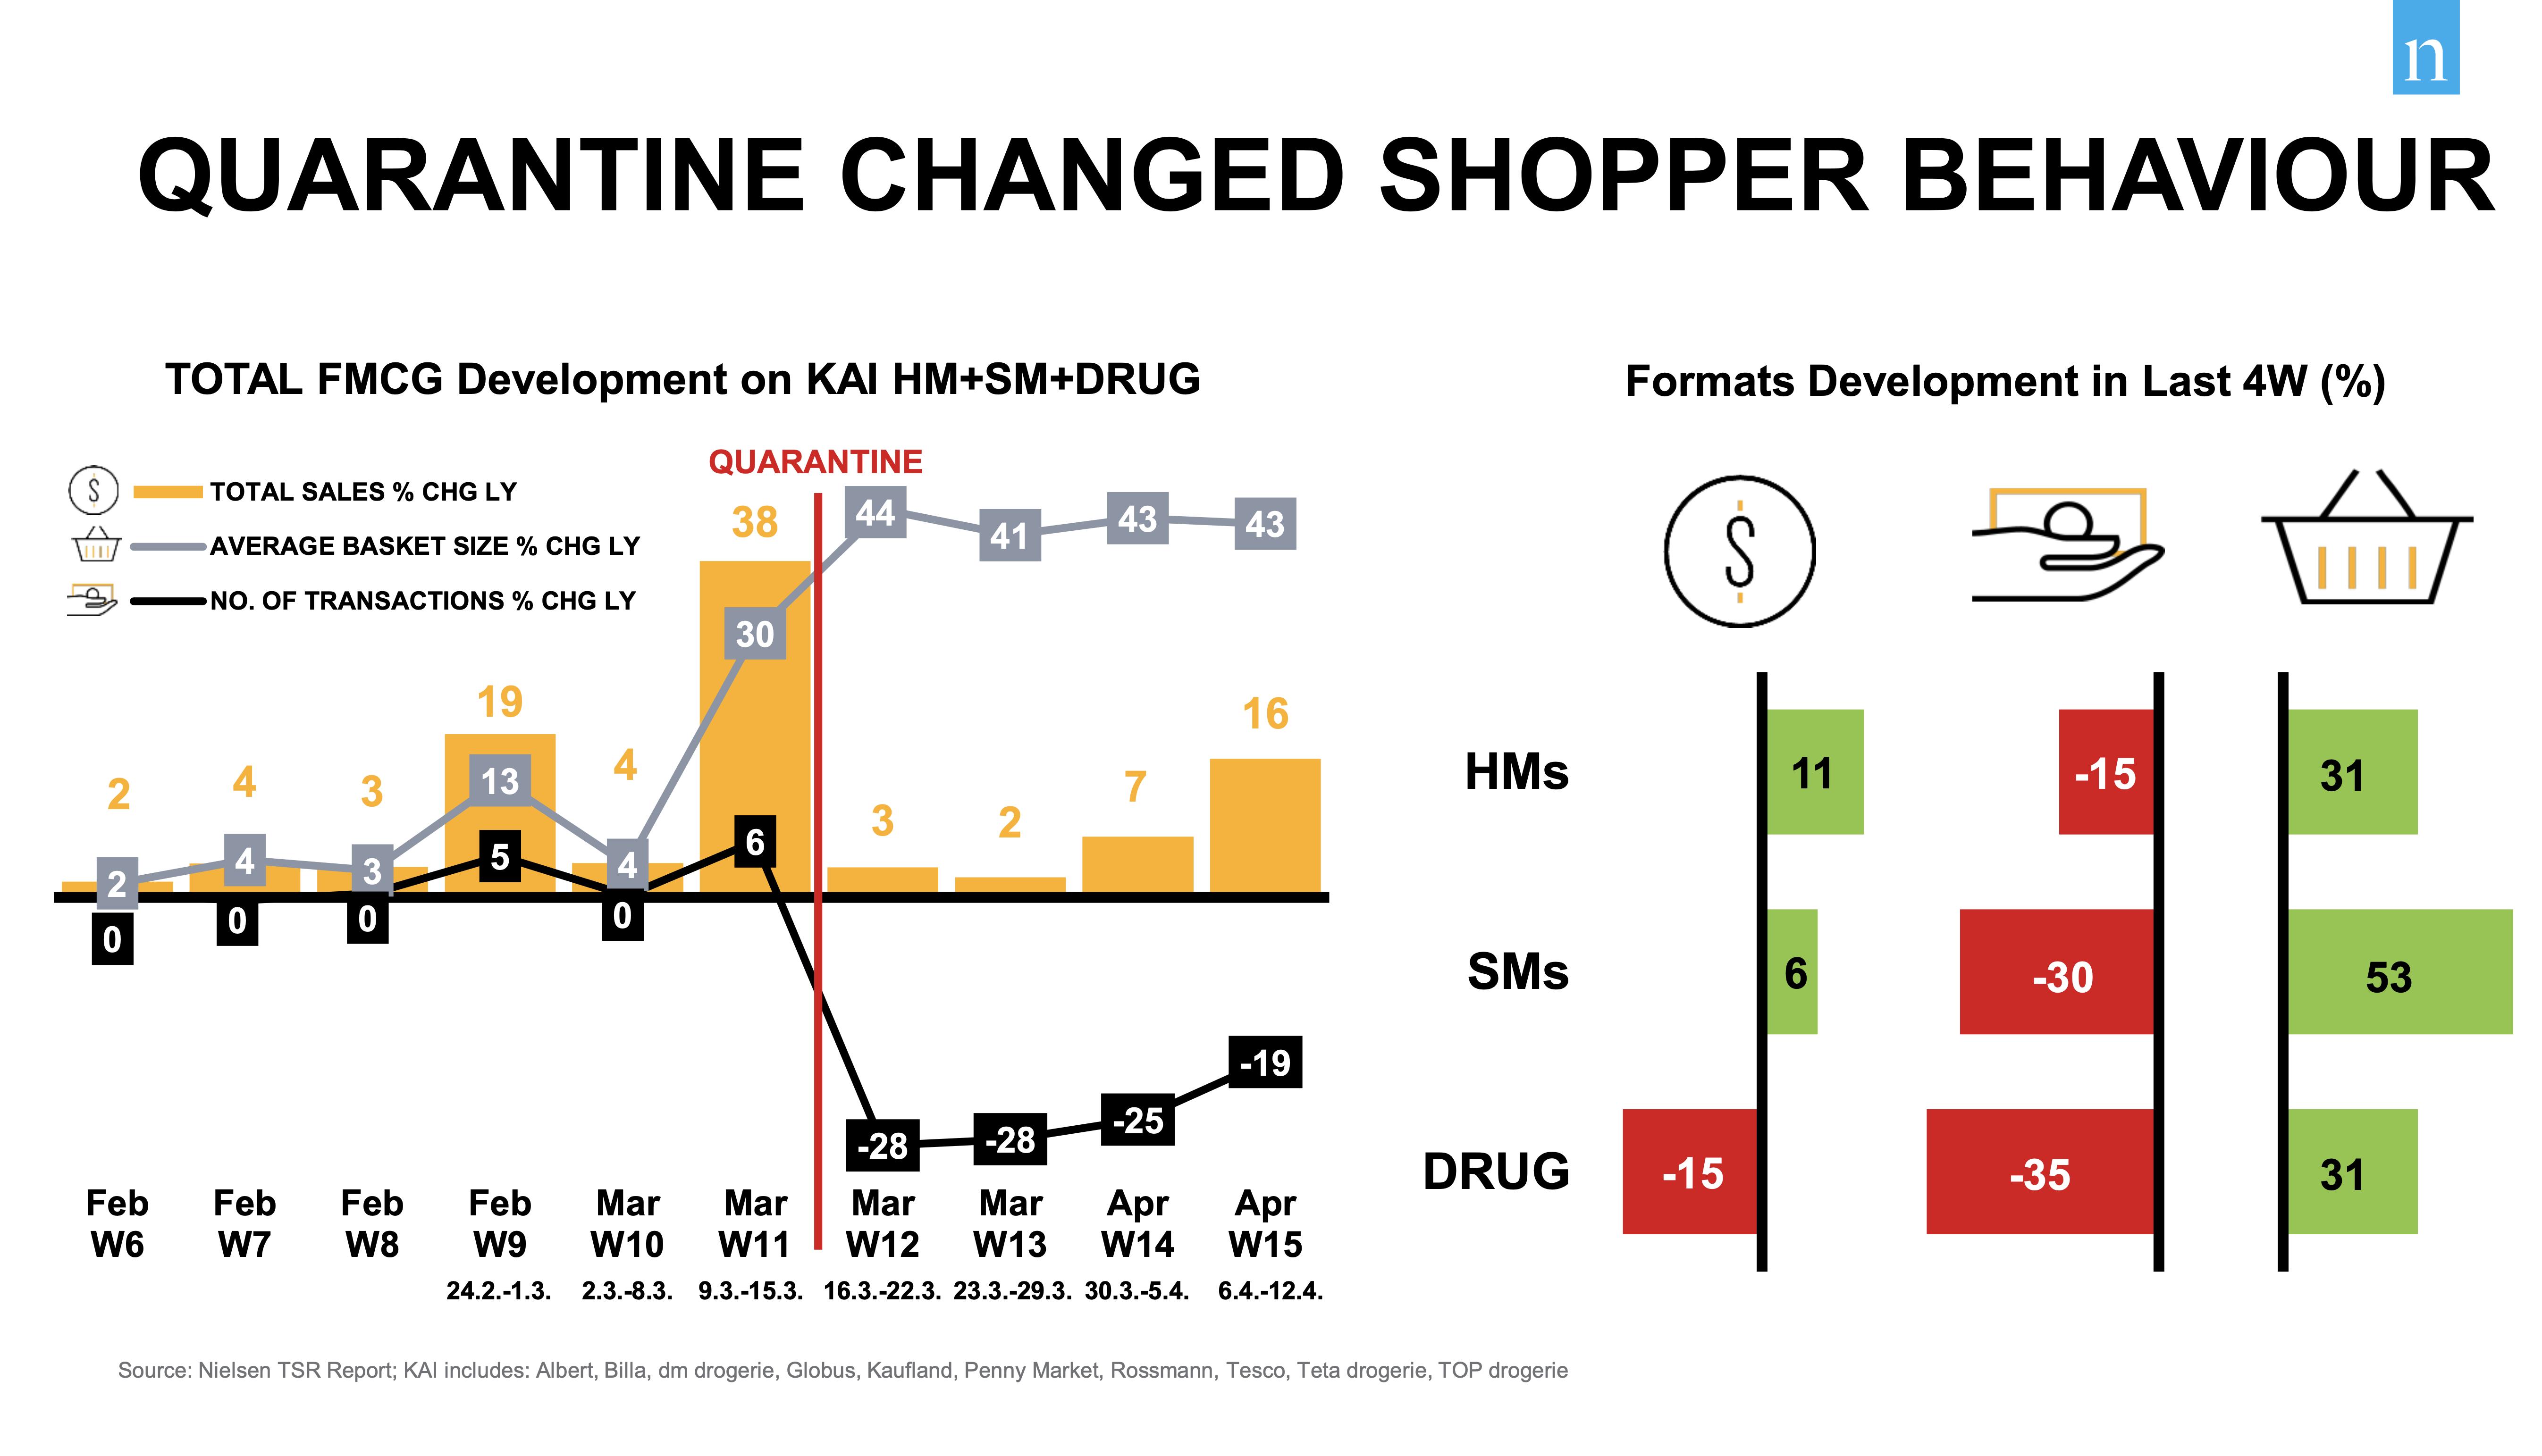 Patrně nejpůsobivější jsou údaje zachycující naprostou proměnu způsobu nakupování – ze dne na den lidé omezily návštěvy obchodů, zároveň ale skoro o půlku nafoukli své nákupní koše. Zdroj: Nielsen